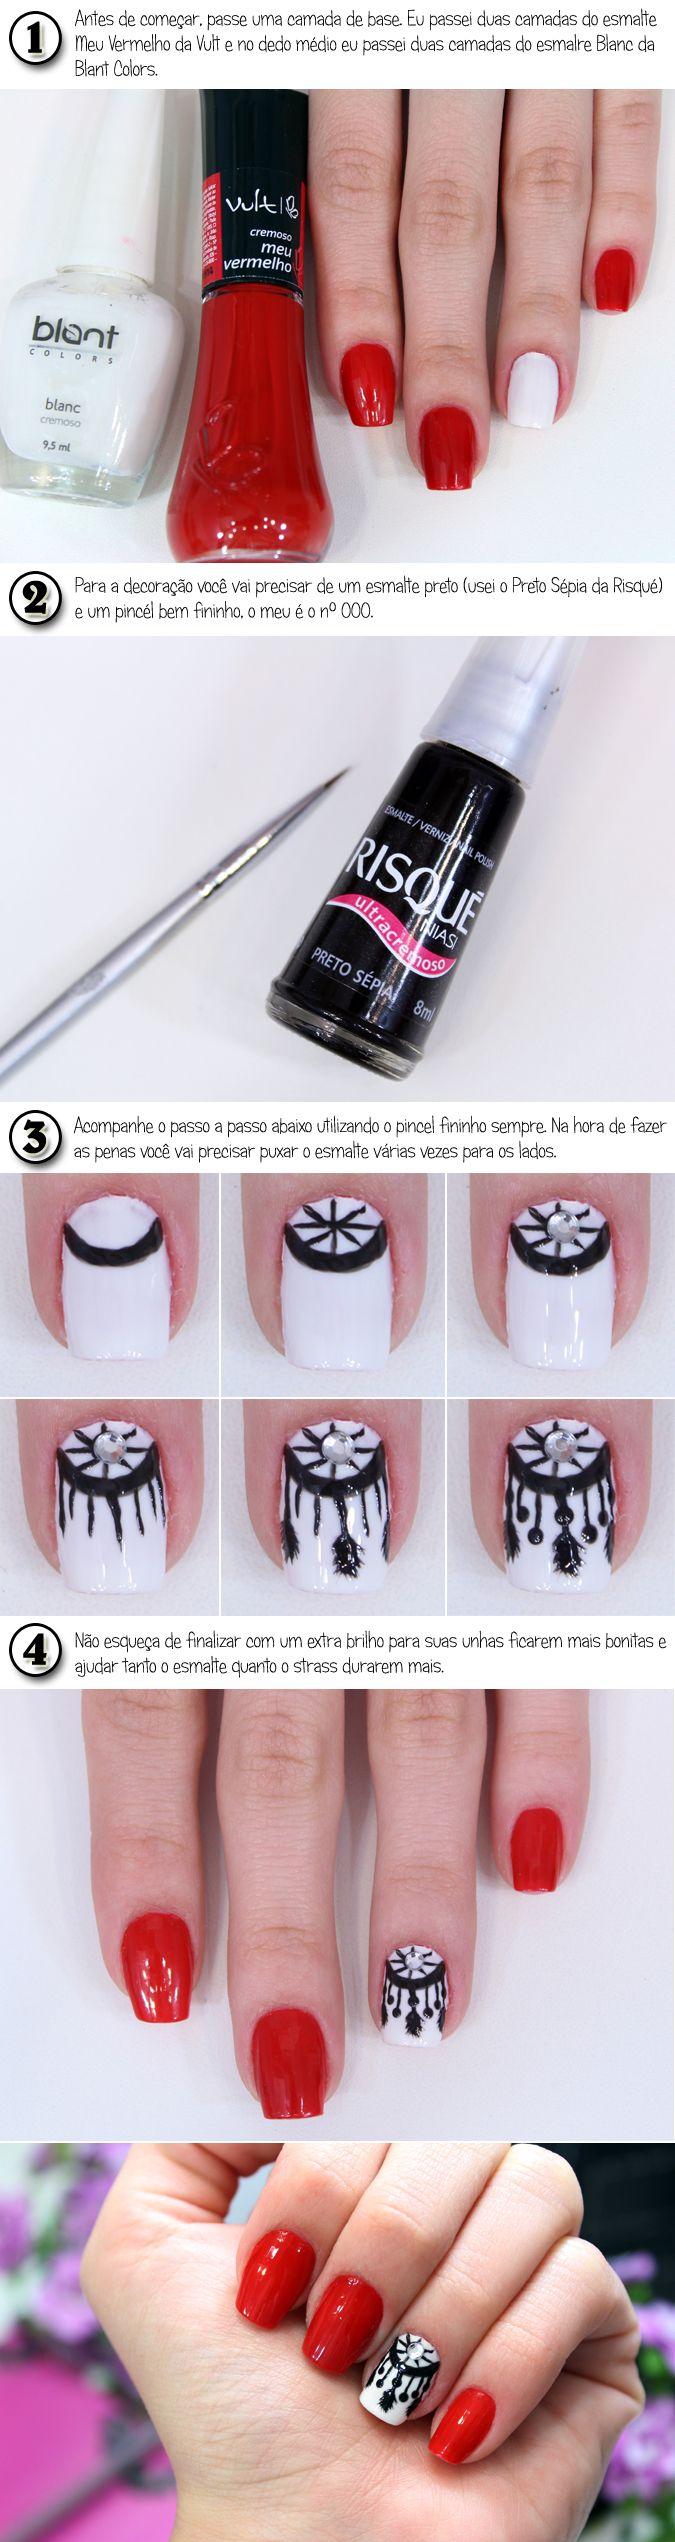 nail art filtro dos sonhos copy